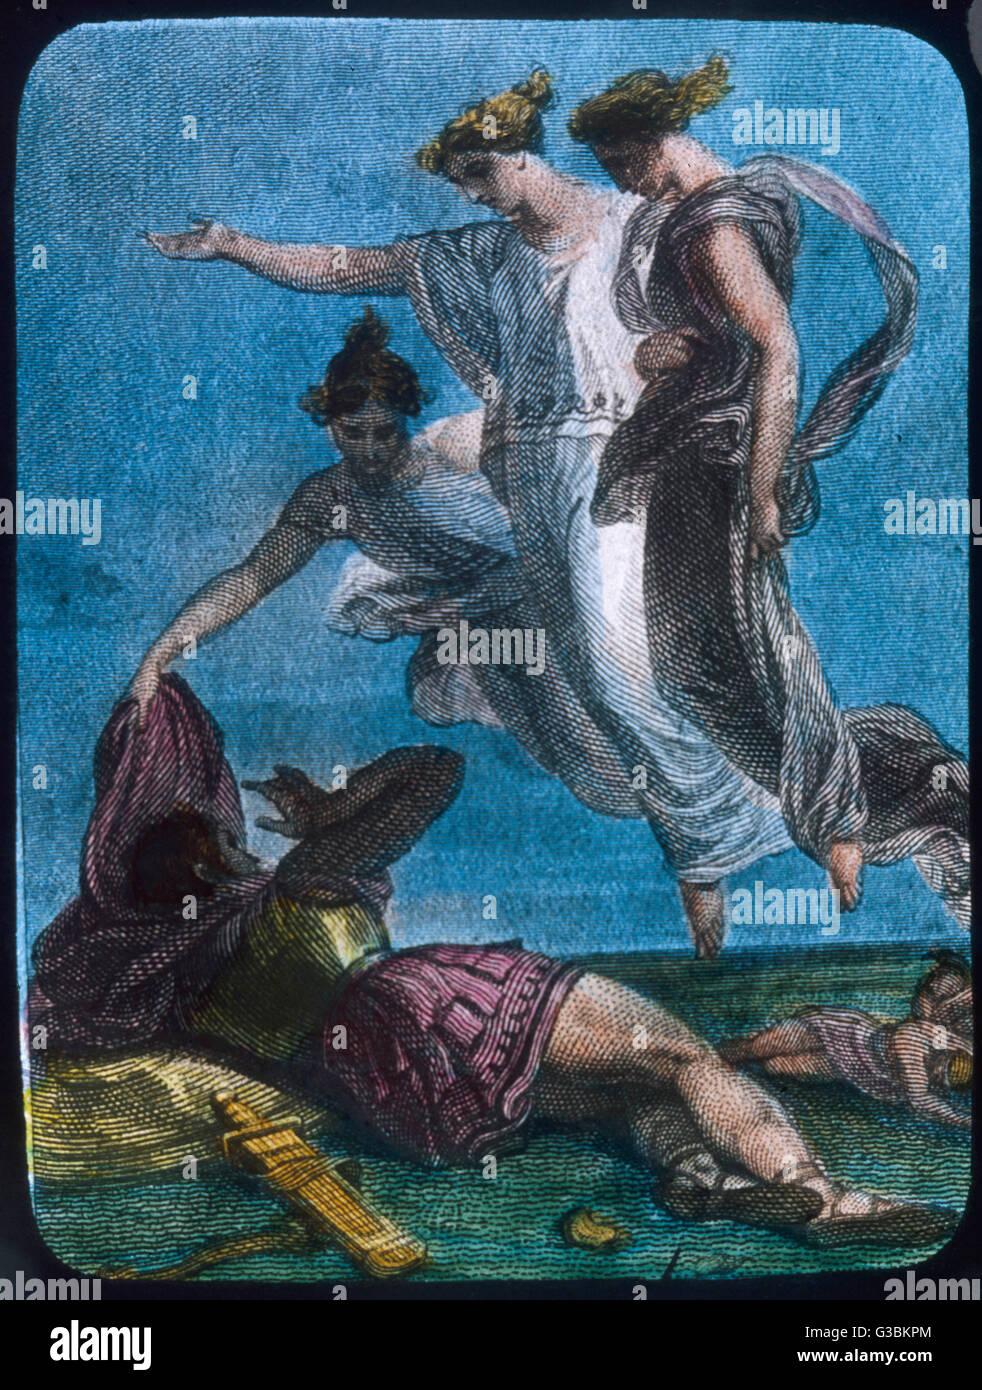 Fee-Herkunft: Nymphen im klassischen Legende sind in der Regel eines gefallenen Kriegers. Stockbild